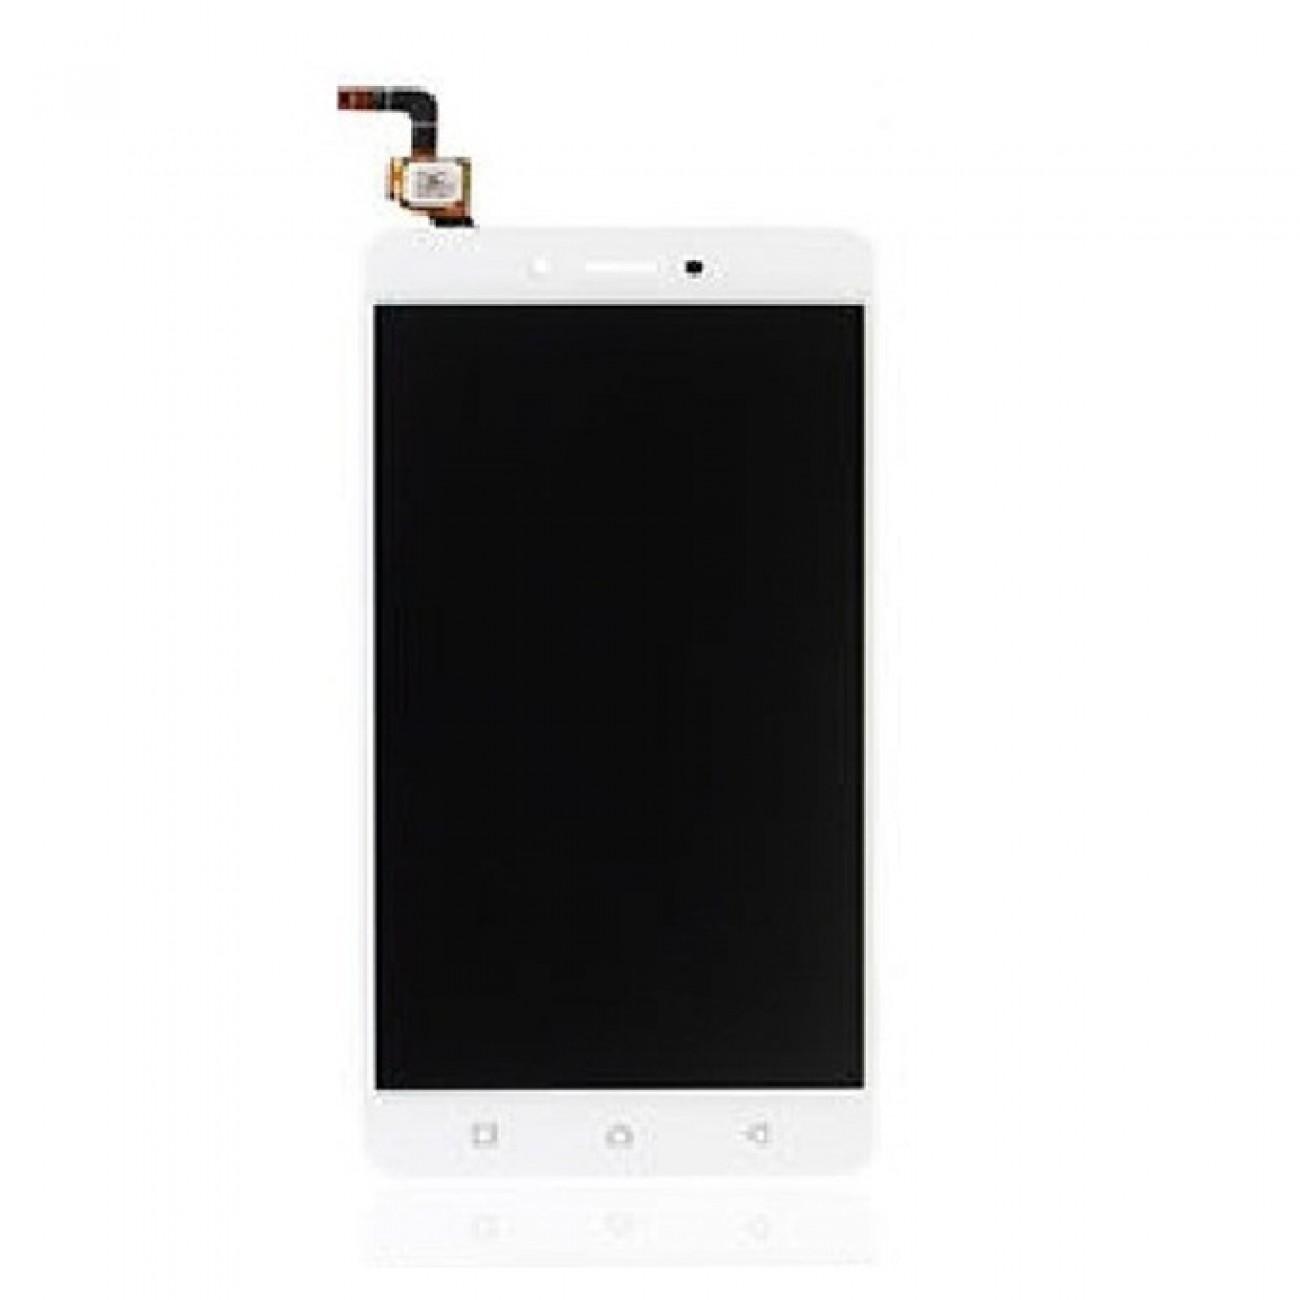 Дисплей за Lenovo Vibe K6 Note, с тъч, бял в Резервни части -  | Alleop